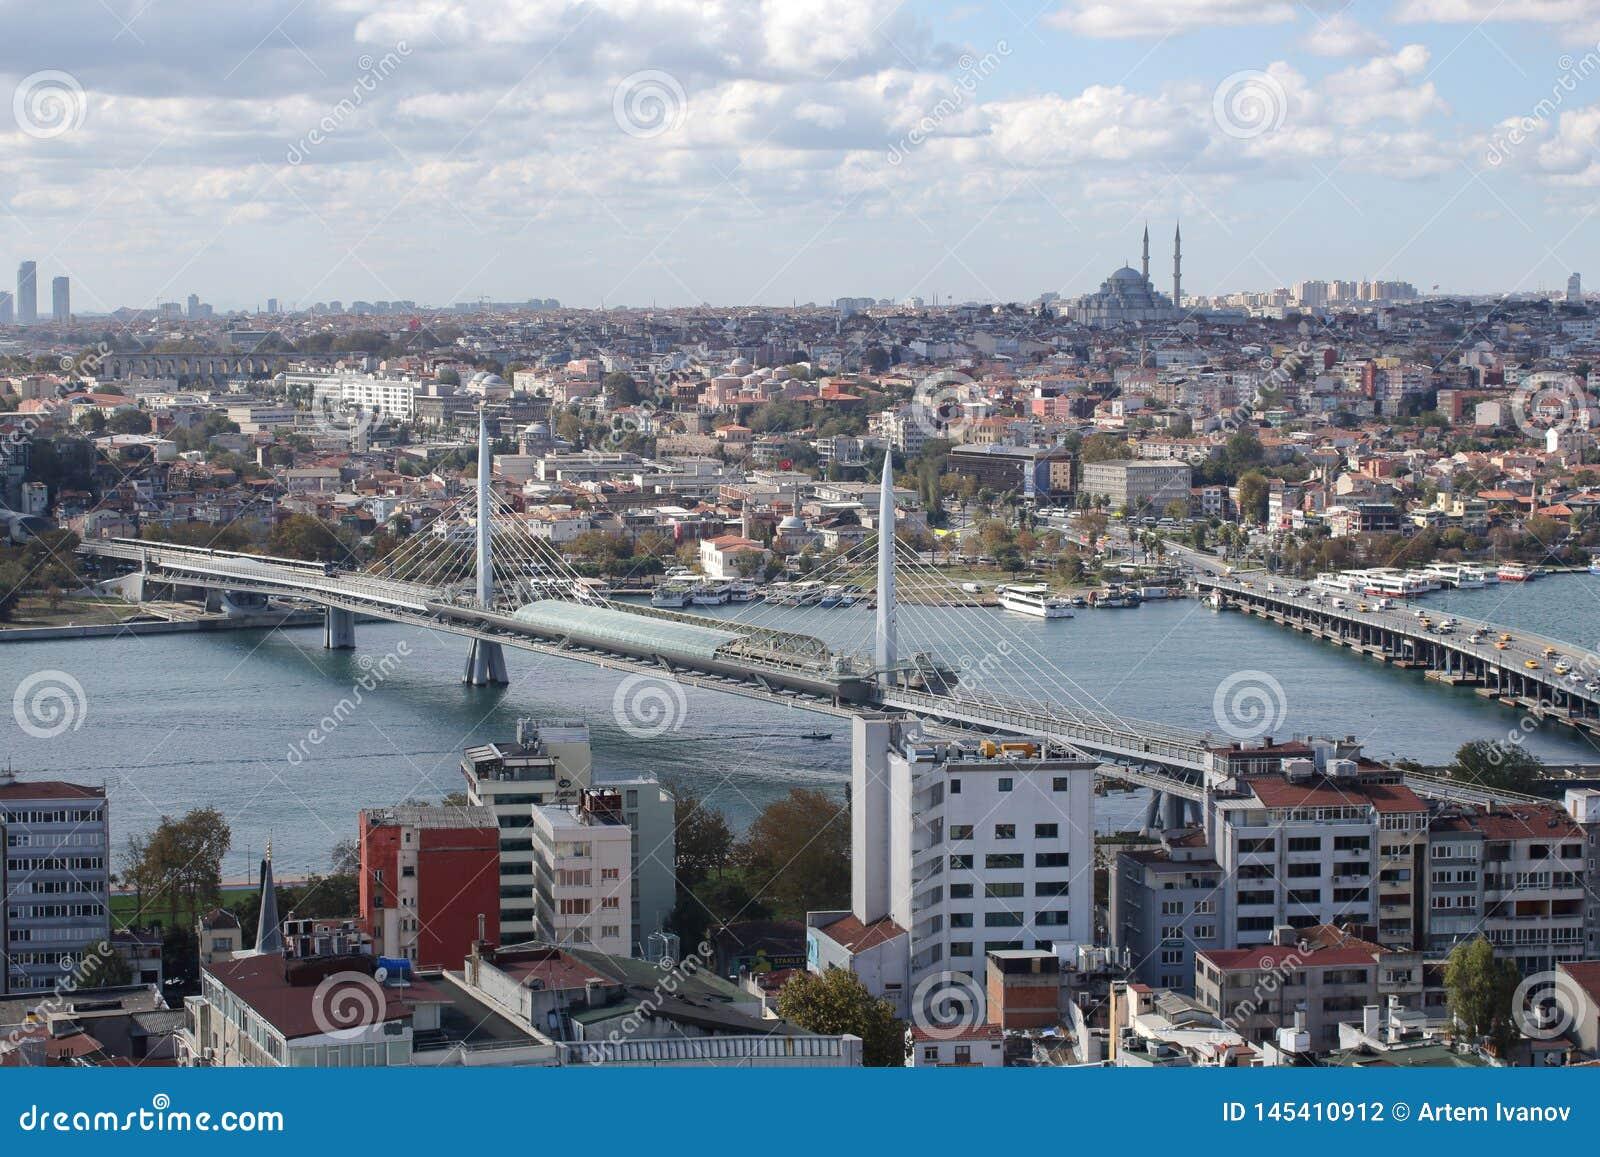 Ιστανμπούλ, Τουρκία - 25 ΟΚΤΩΒΡΊΟΥ 2018: Άποψη από ένα υψηλό σημείο στις γέφυρες πέρα από το χρυσό κόλπο κέρατων